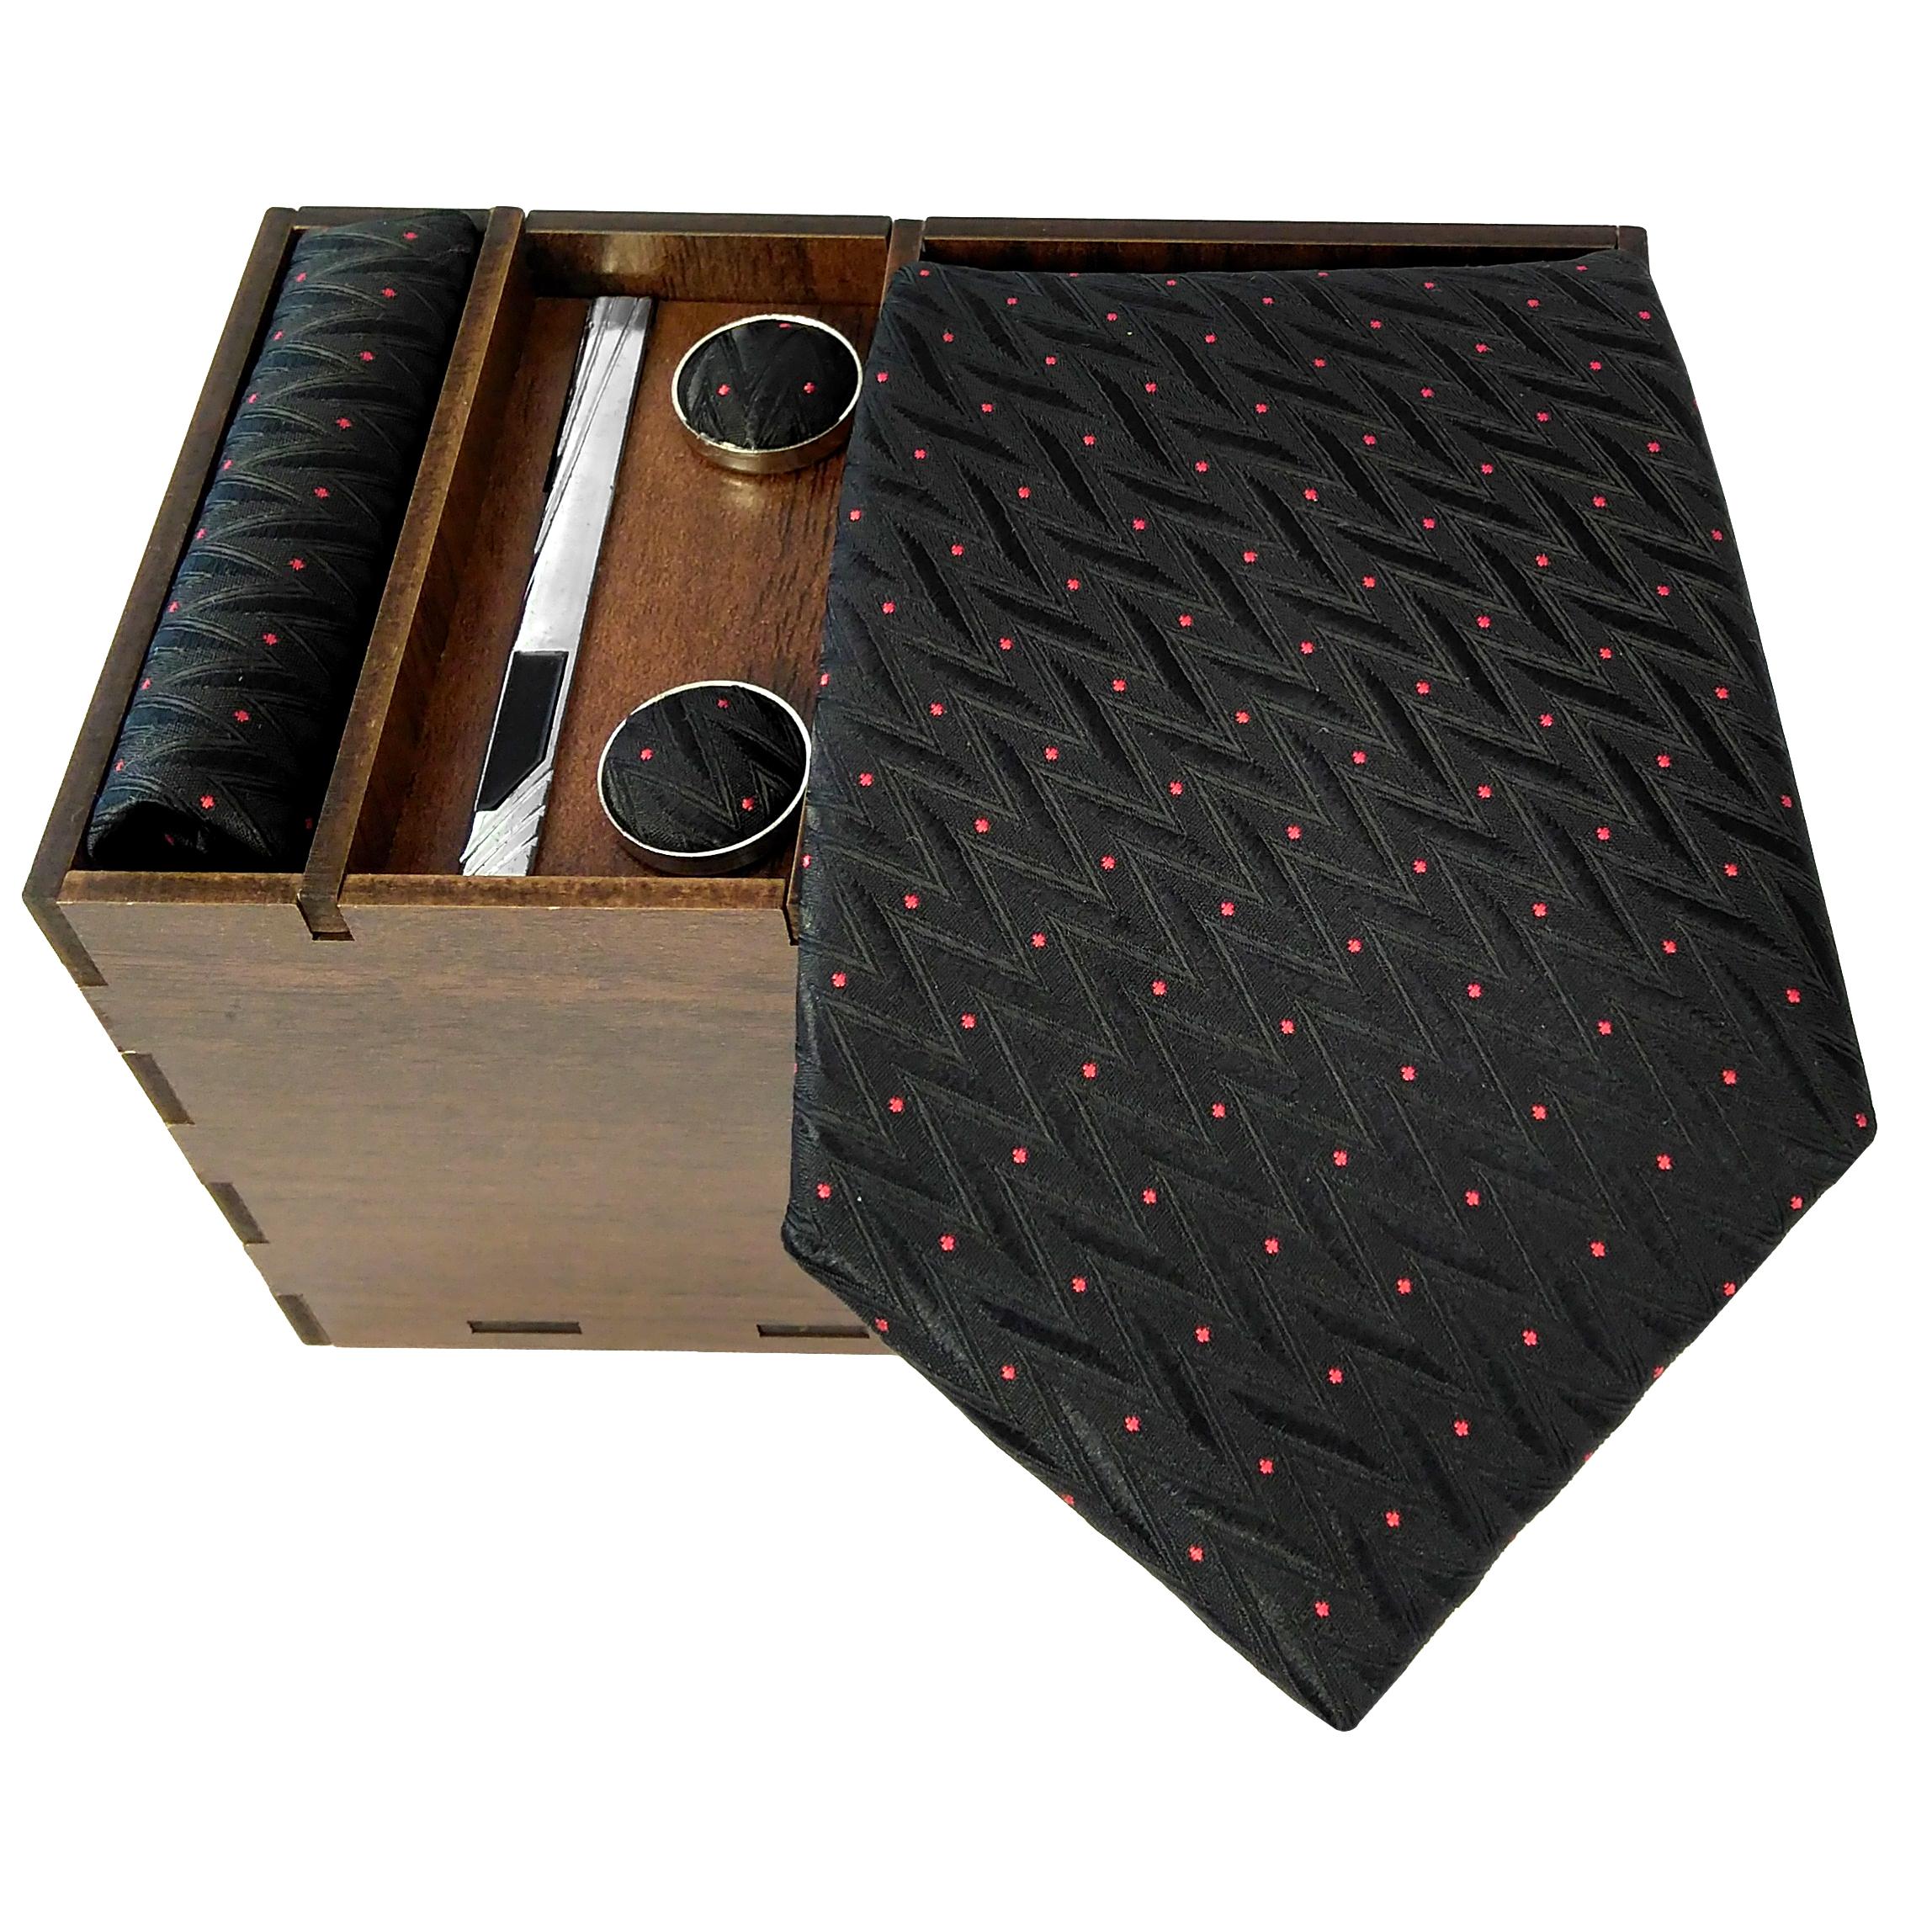 ست کراوات و دستمال جیب و دکمه سر دست مردانه کد 435